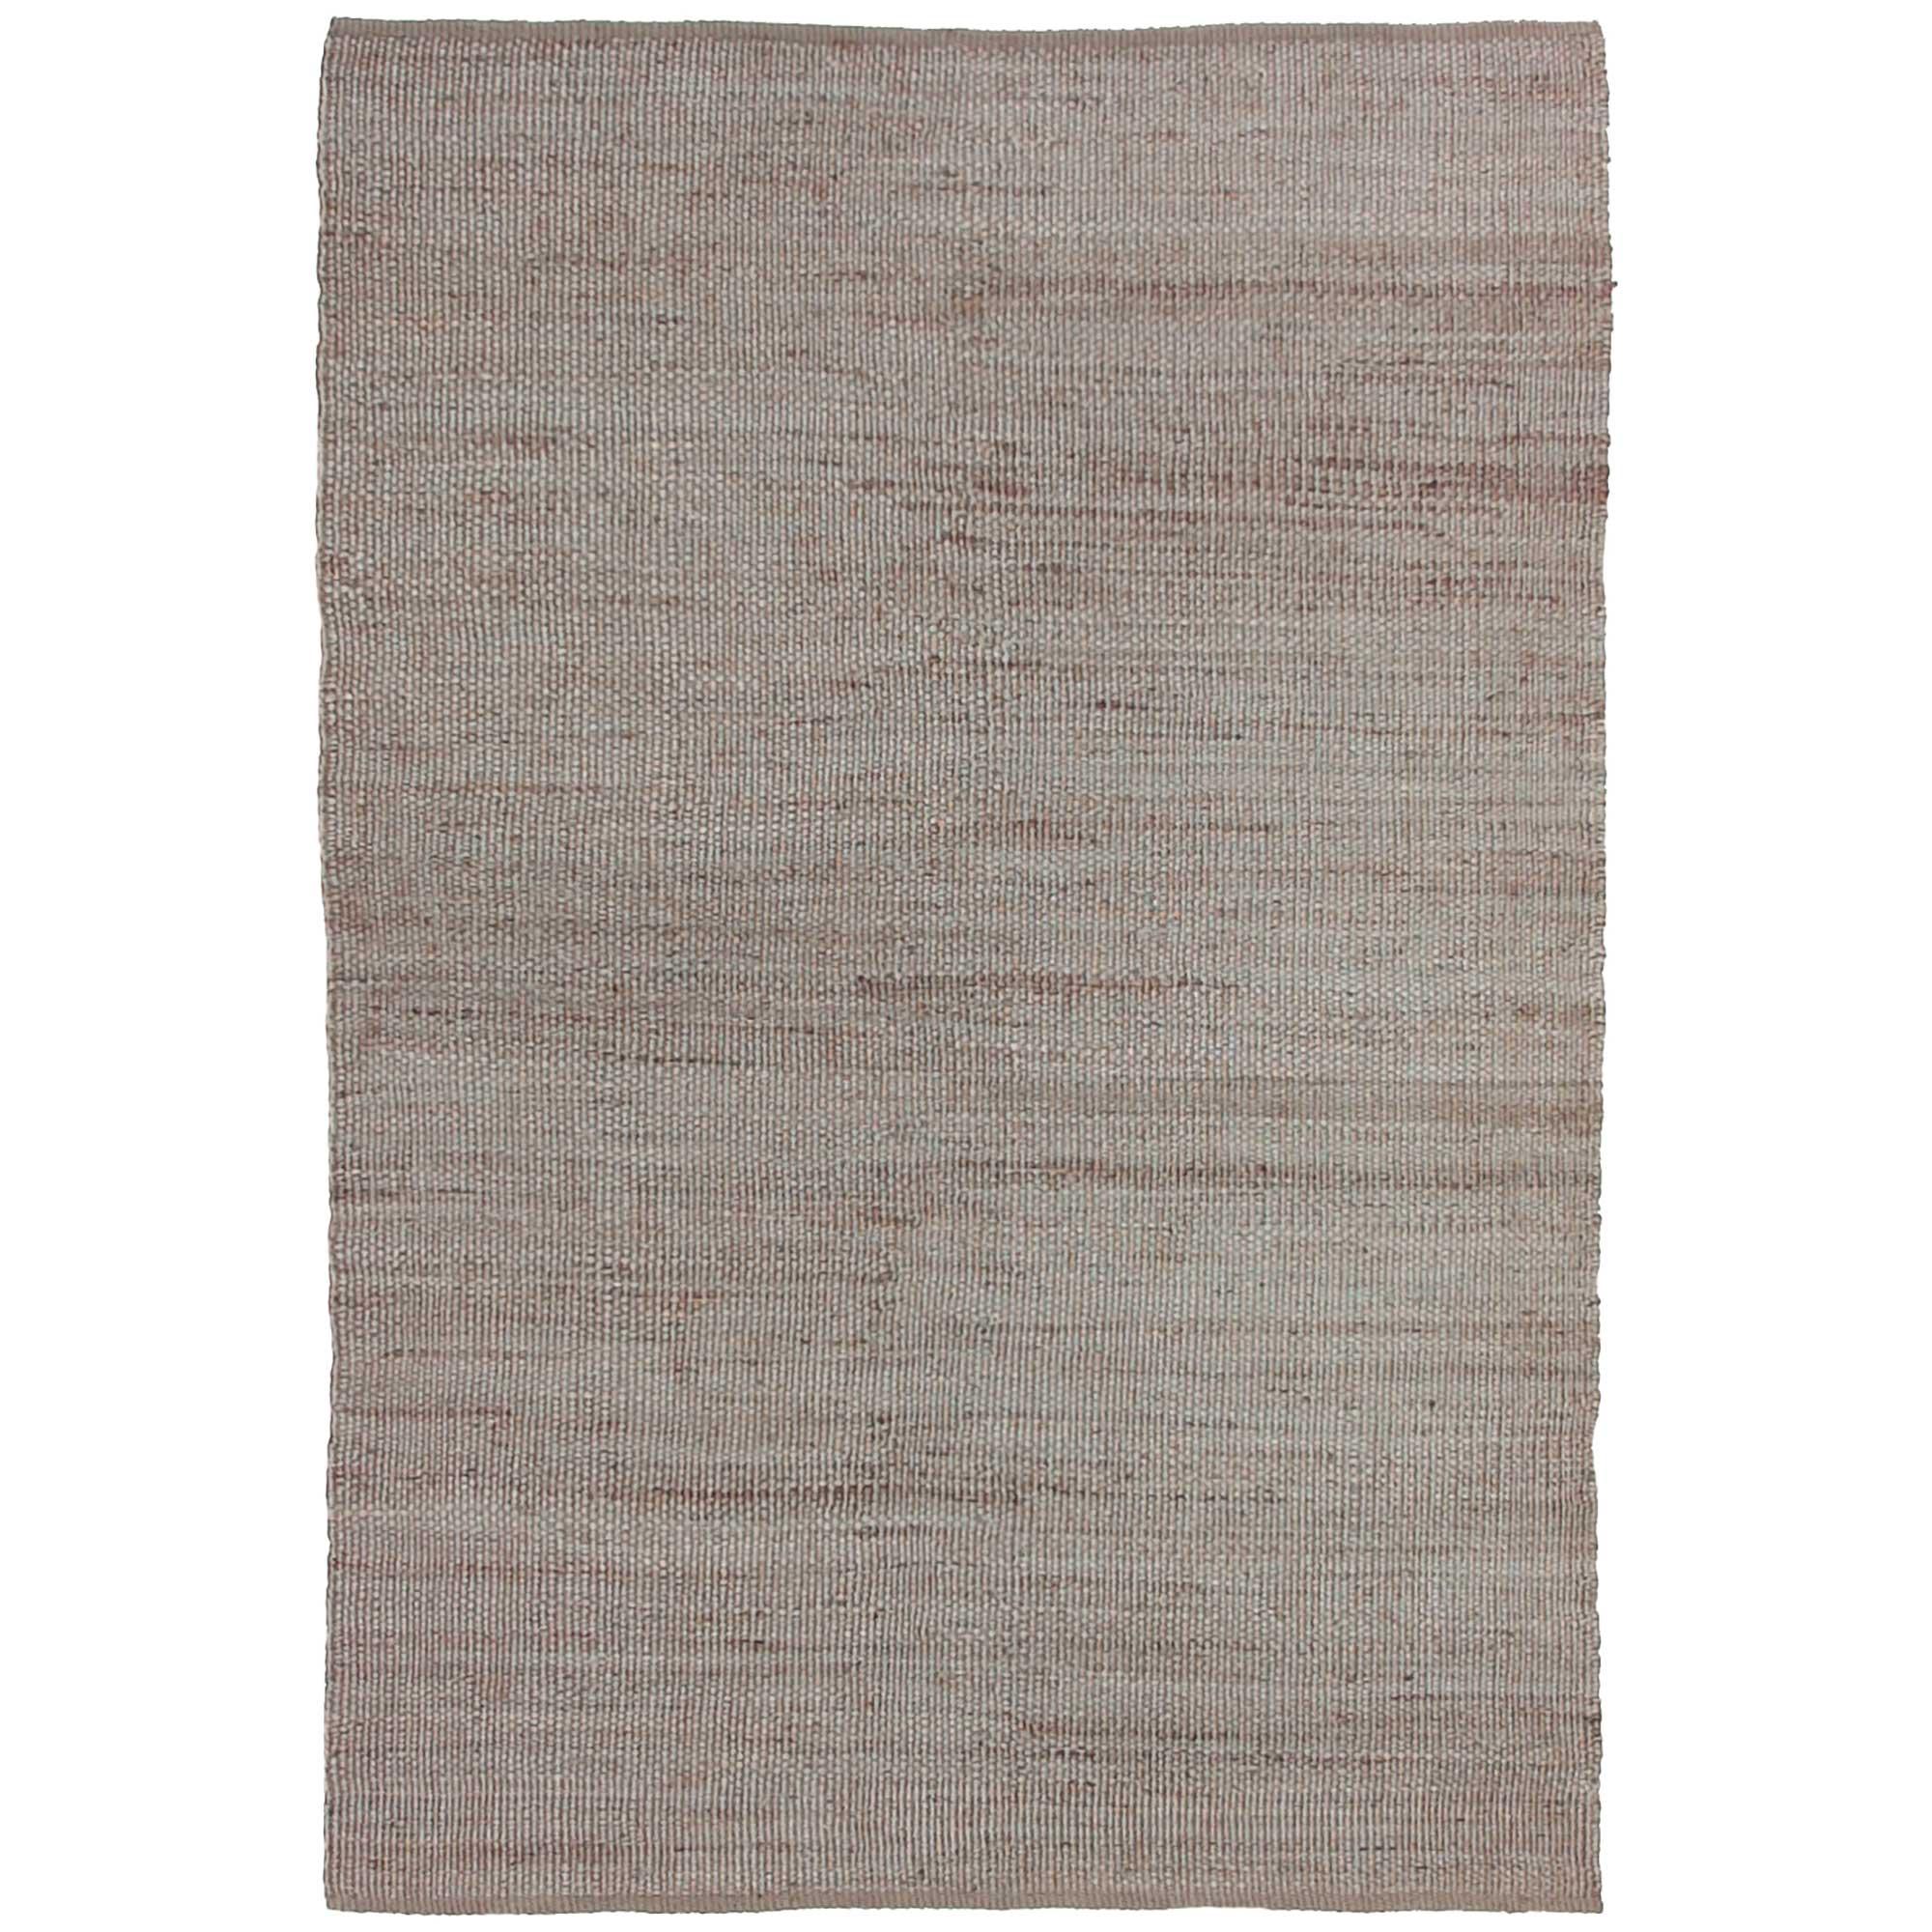 Jute Natural rugs